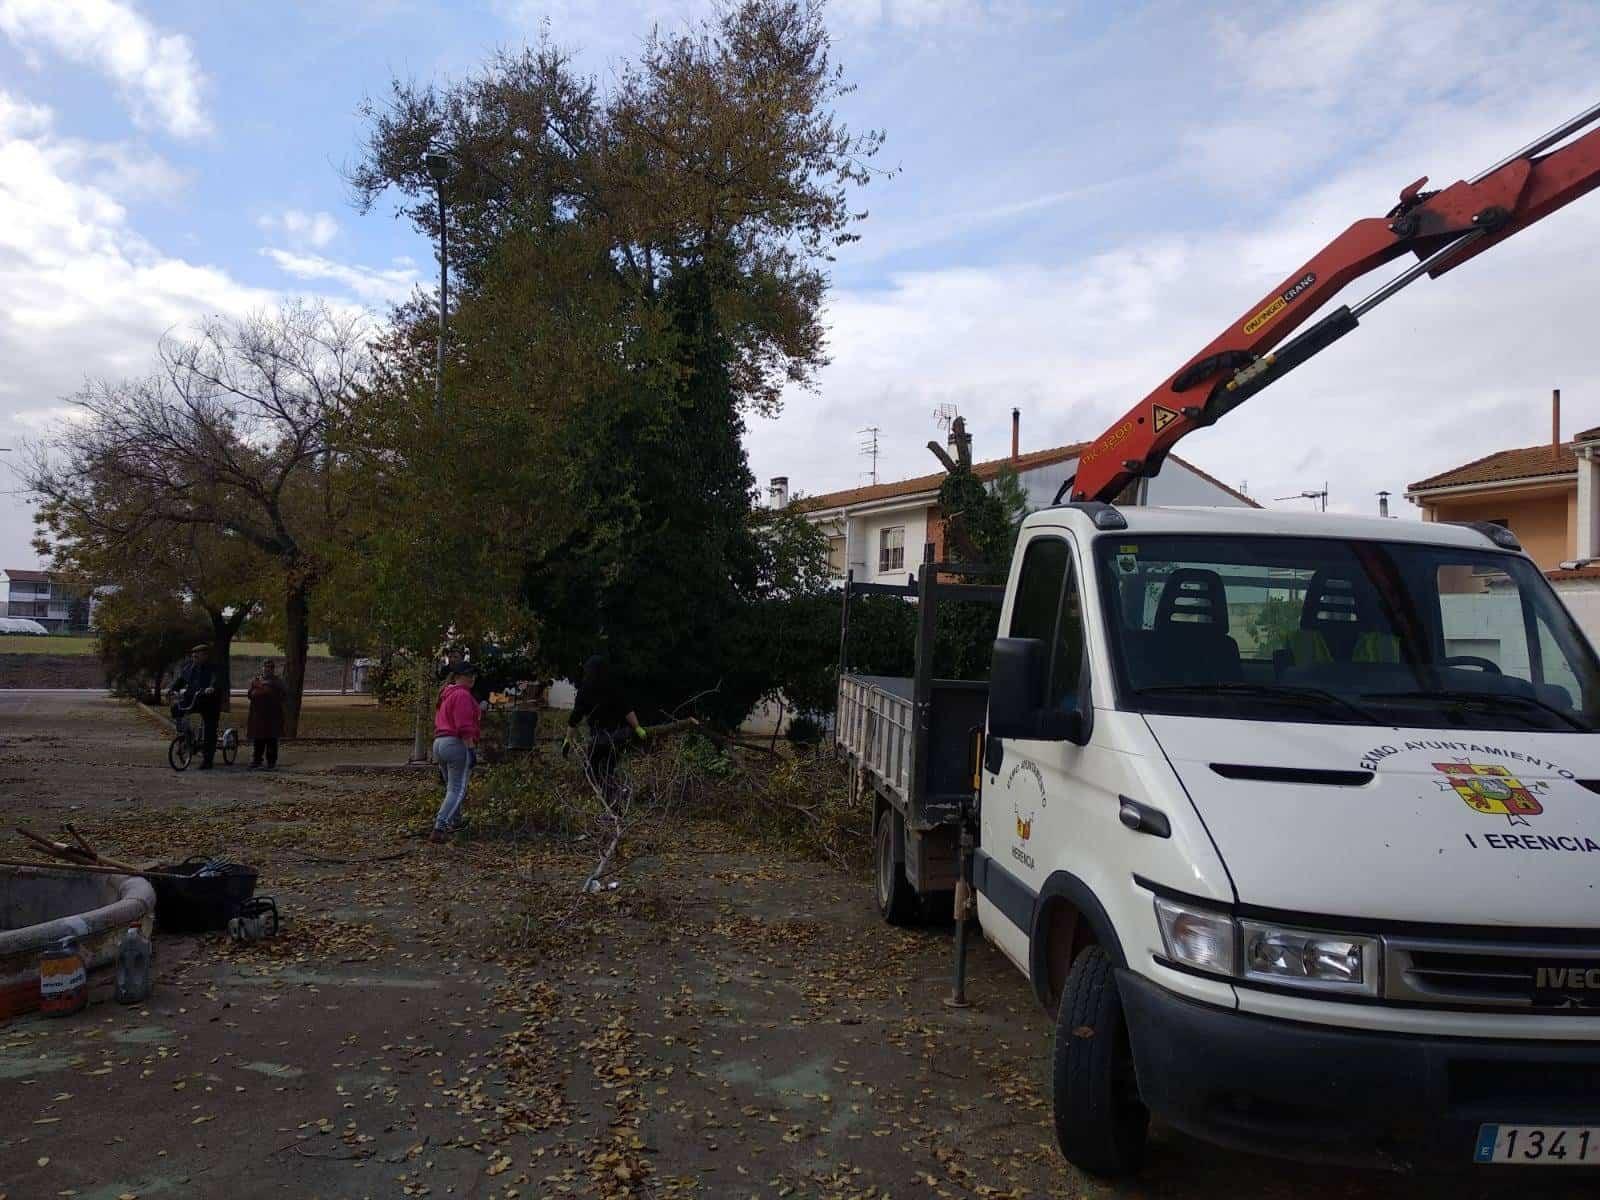 campana de poda arboles 2019 herencia 1 - Comienza la campaña de Poda para garantizar la conservación de los árboles